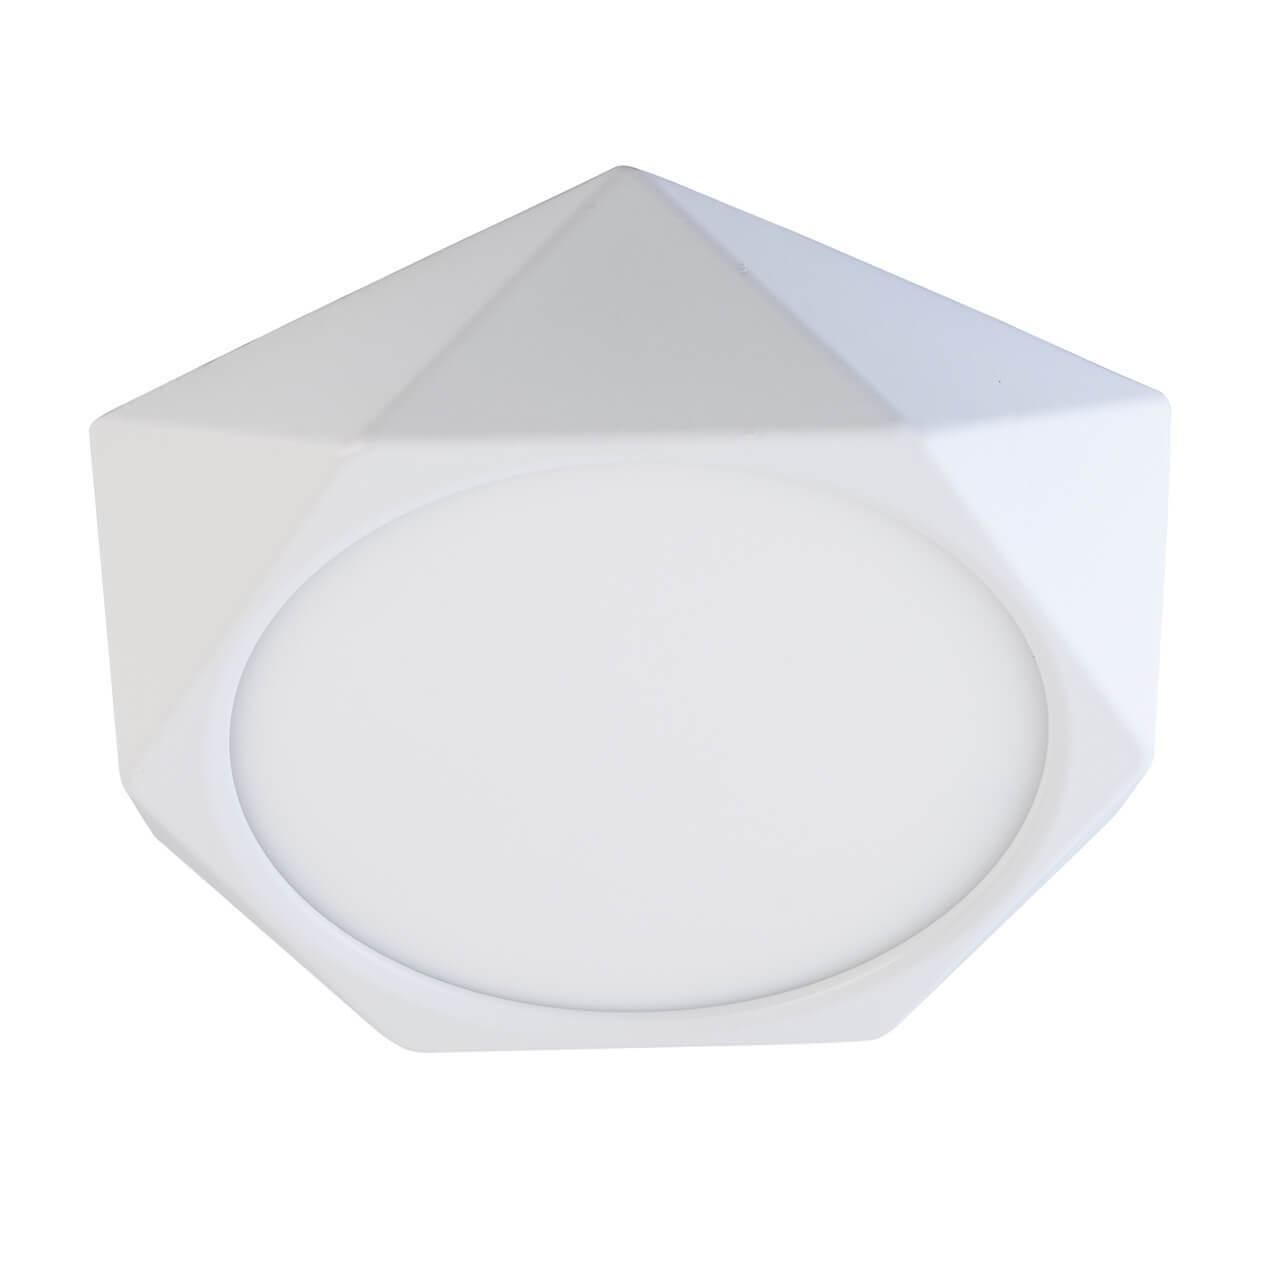 Потолочный светодиодный светильник De Markt Стаут 4 702011101 потолочный светодиодный светильник de markt стаут 4 702011001